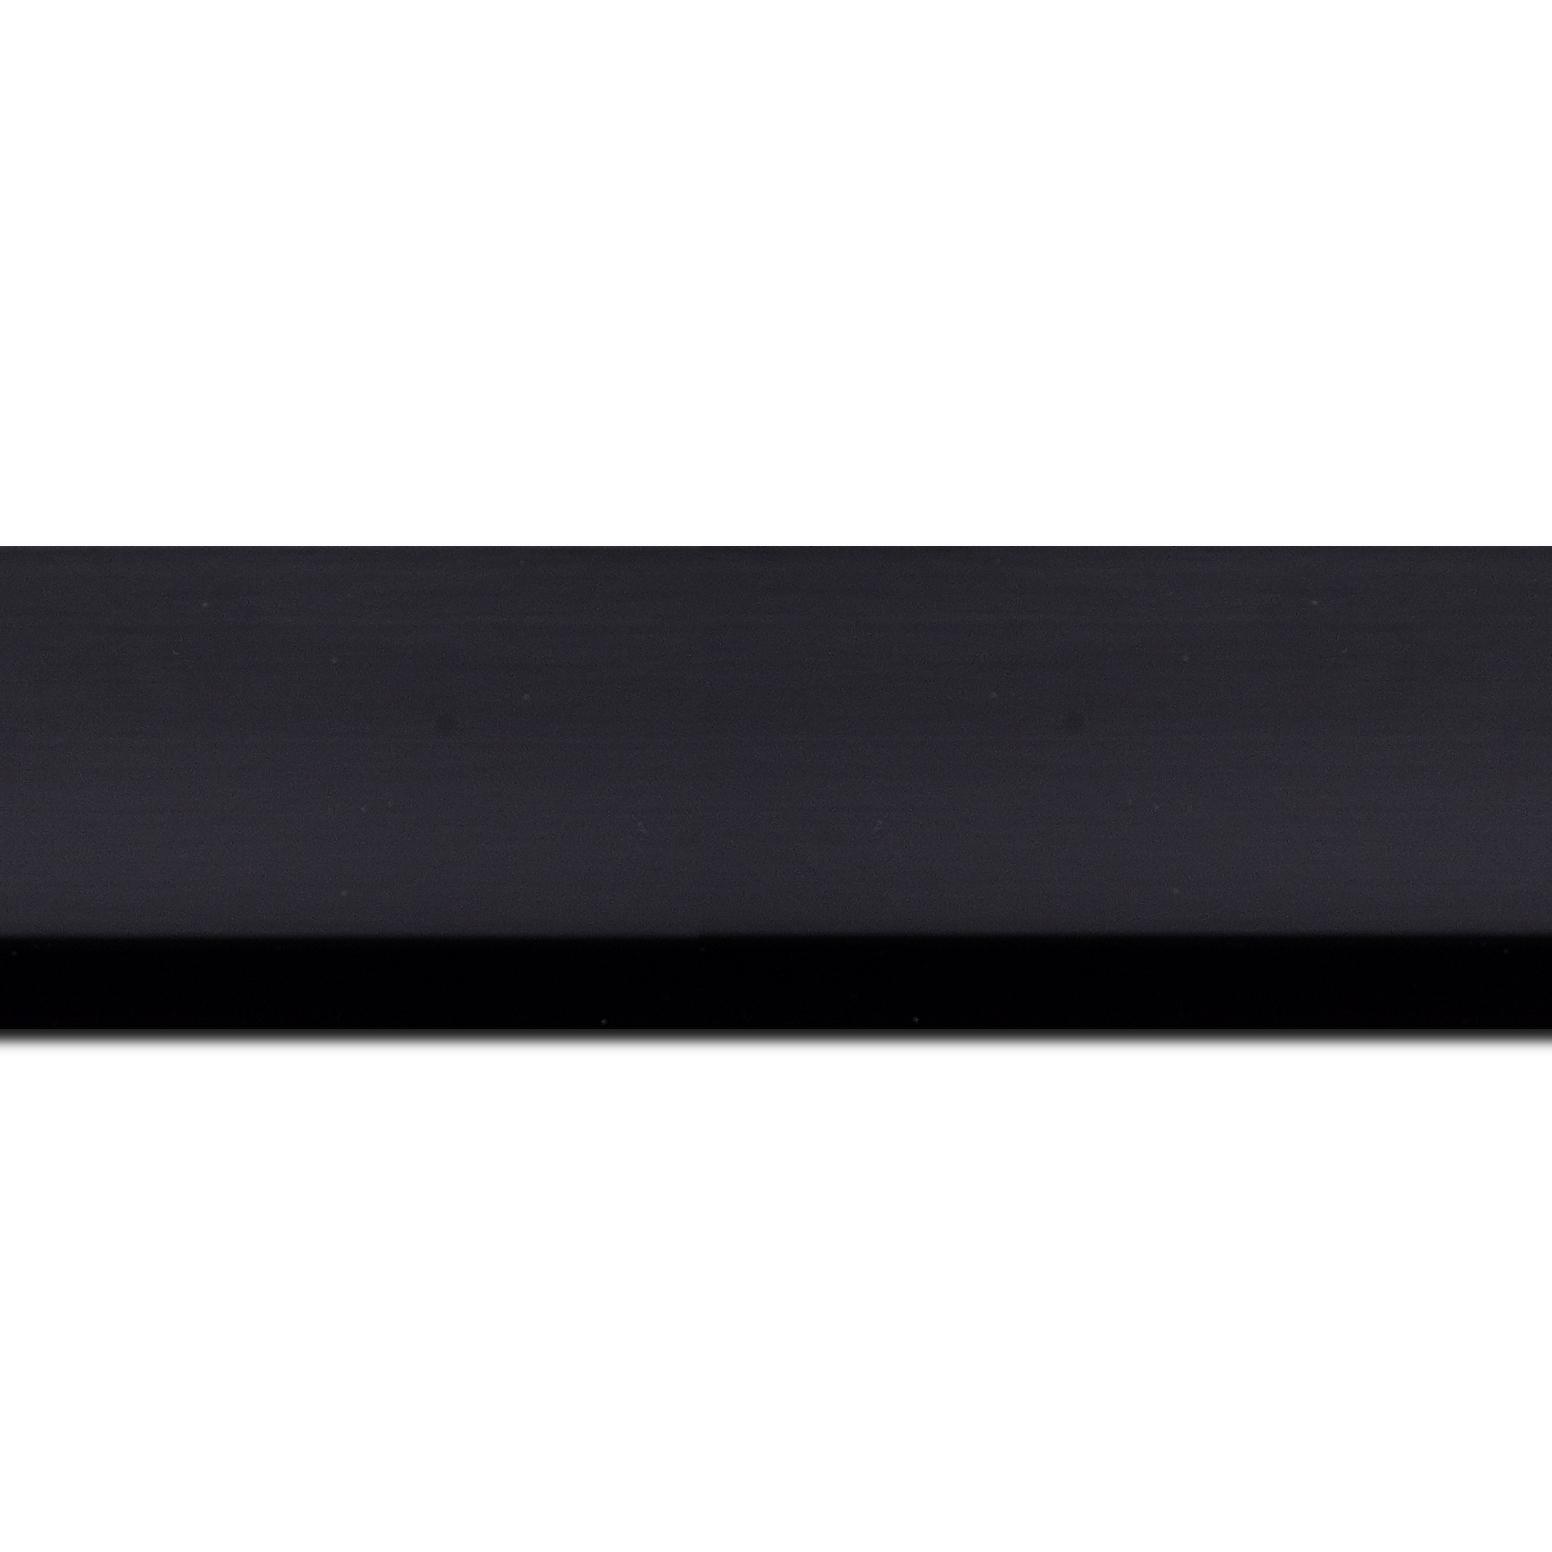 Baguette longueur 1.40m bois profil cocotte largeur 5.1cm couleur noir satiné